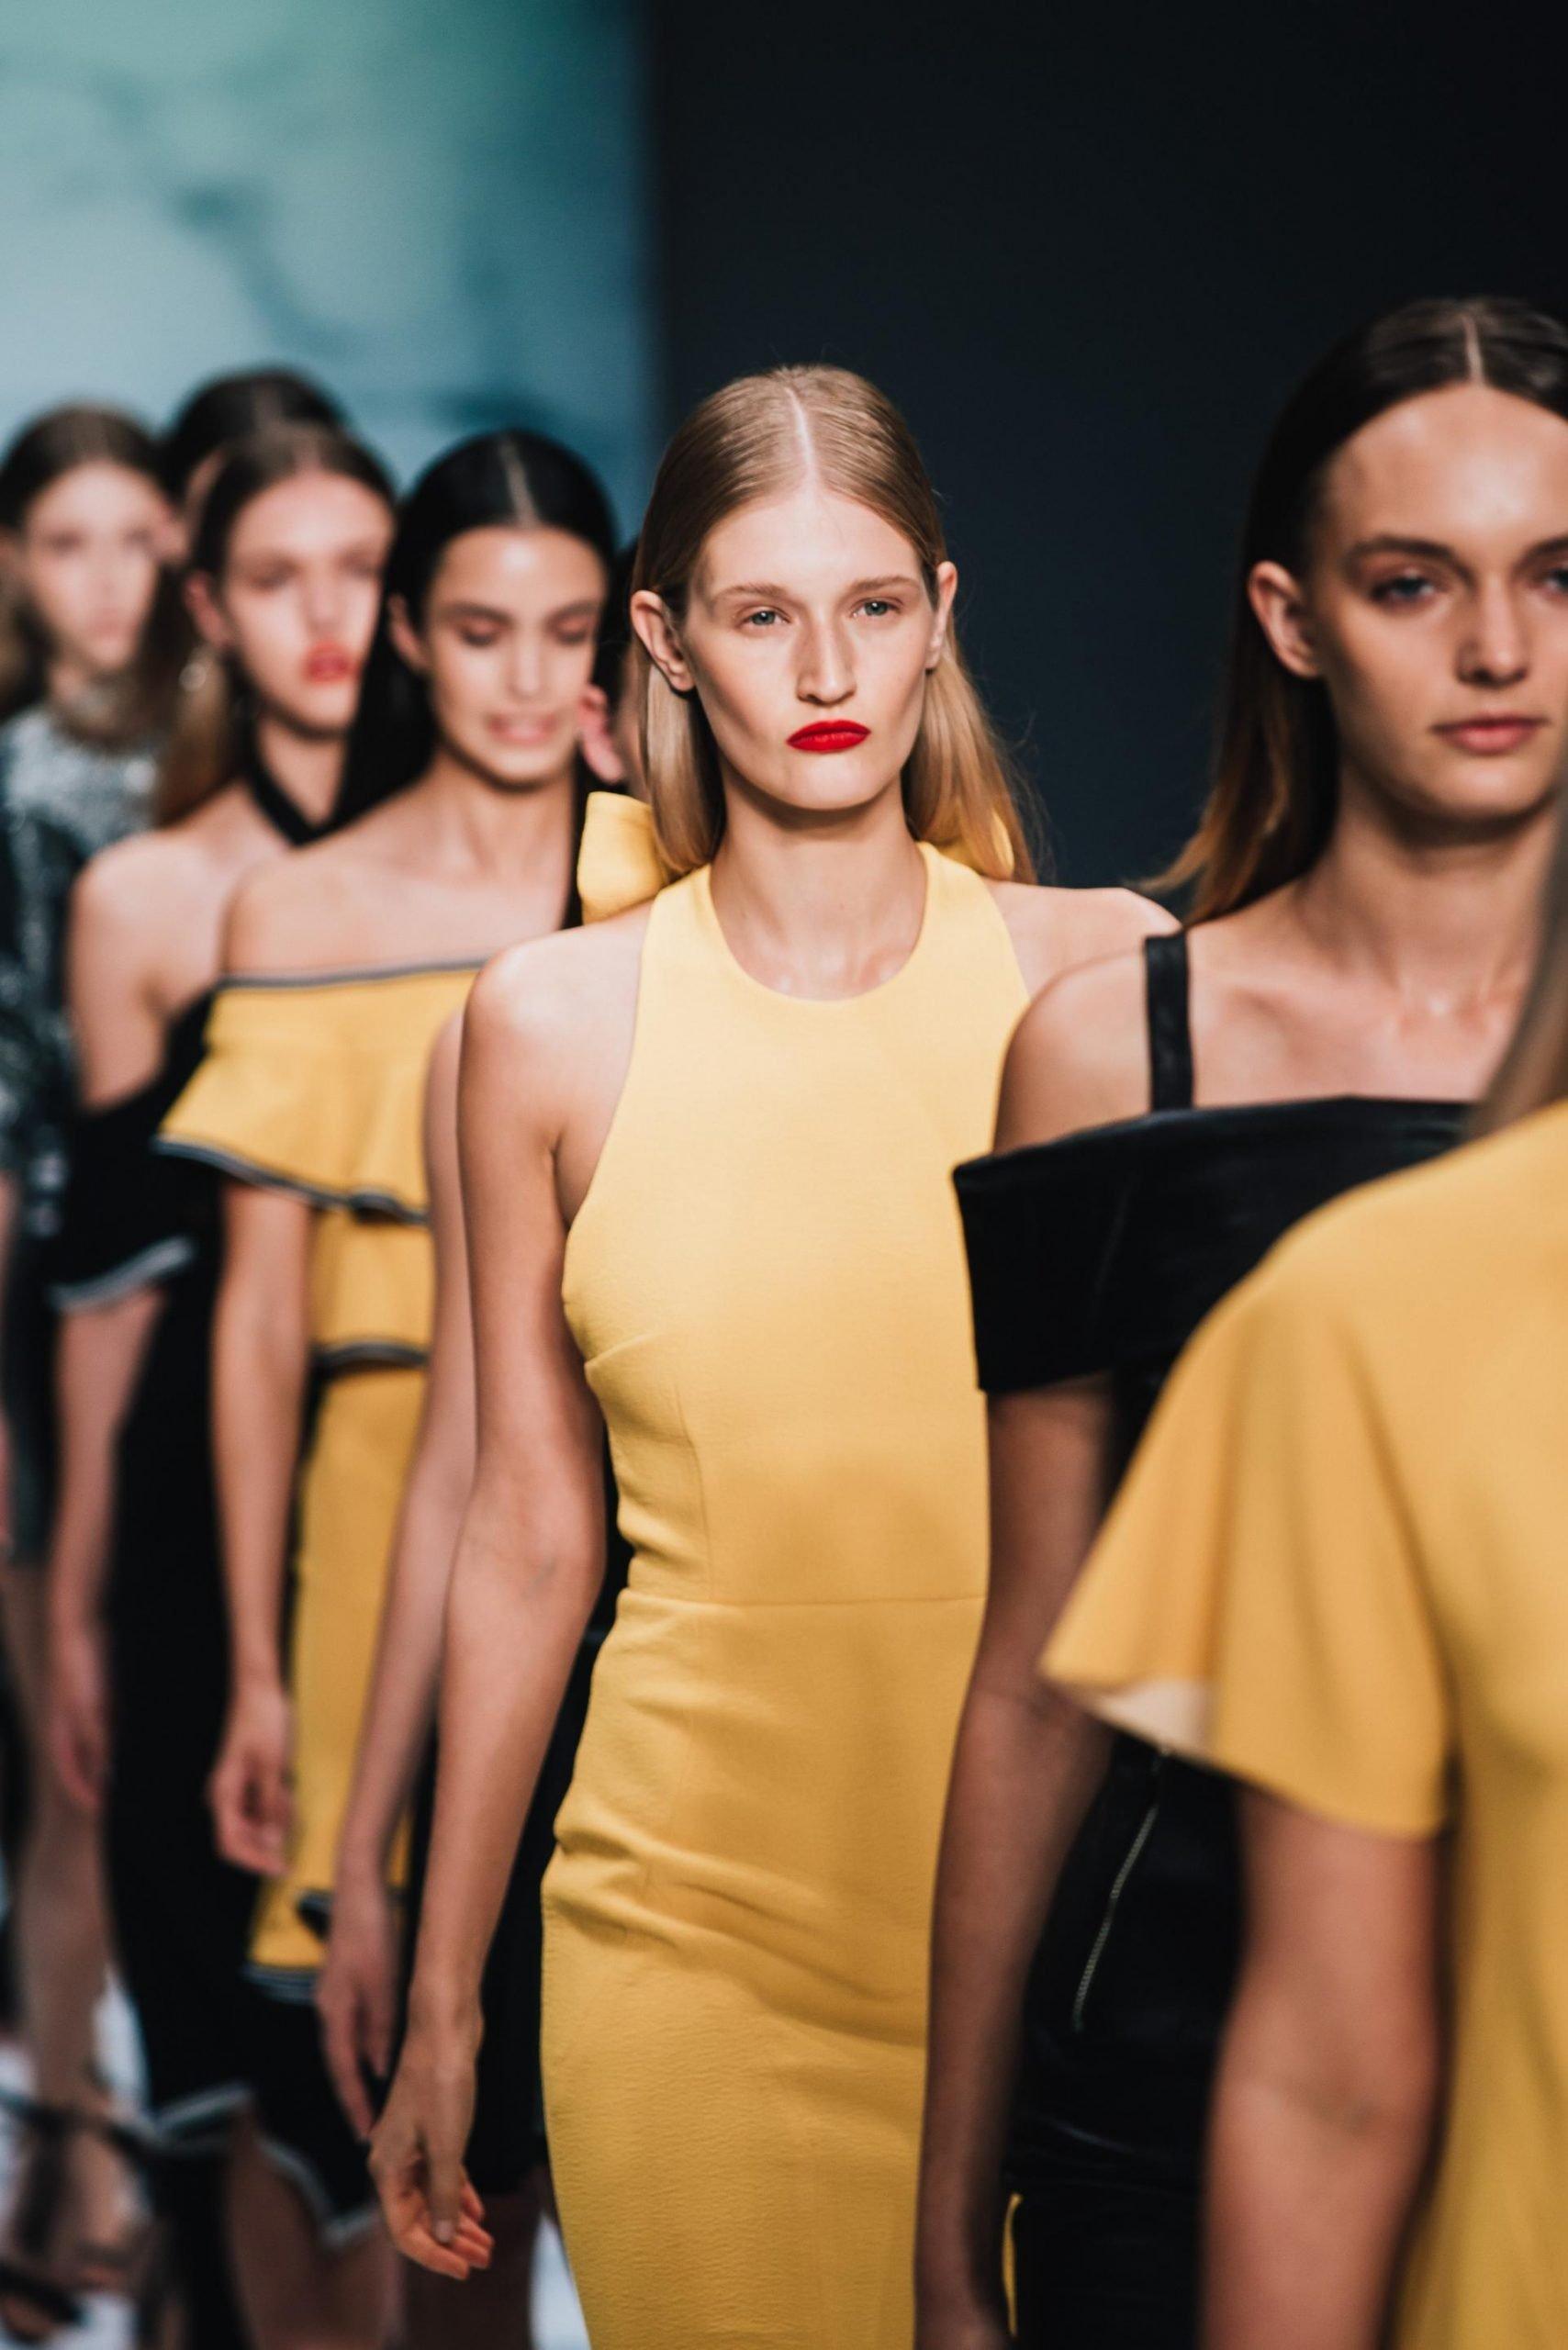 Models on catwalk